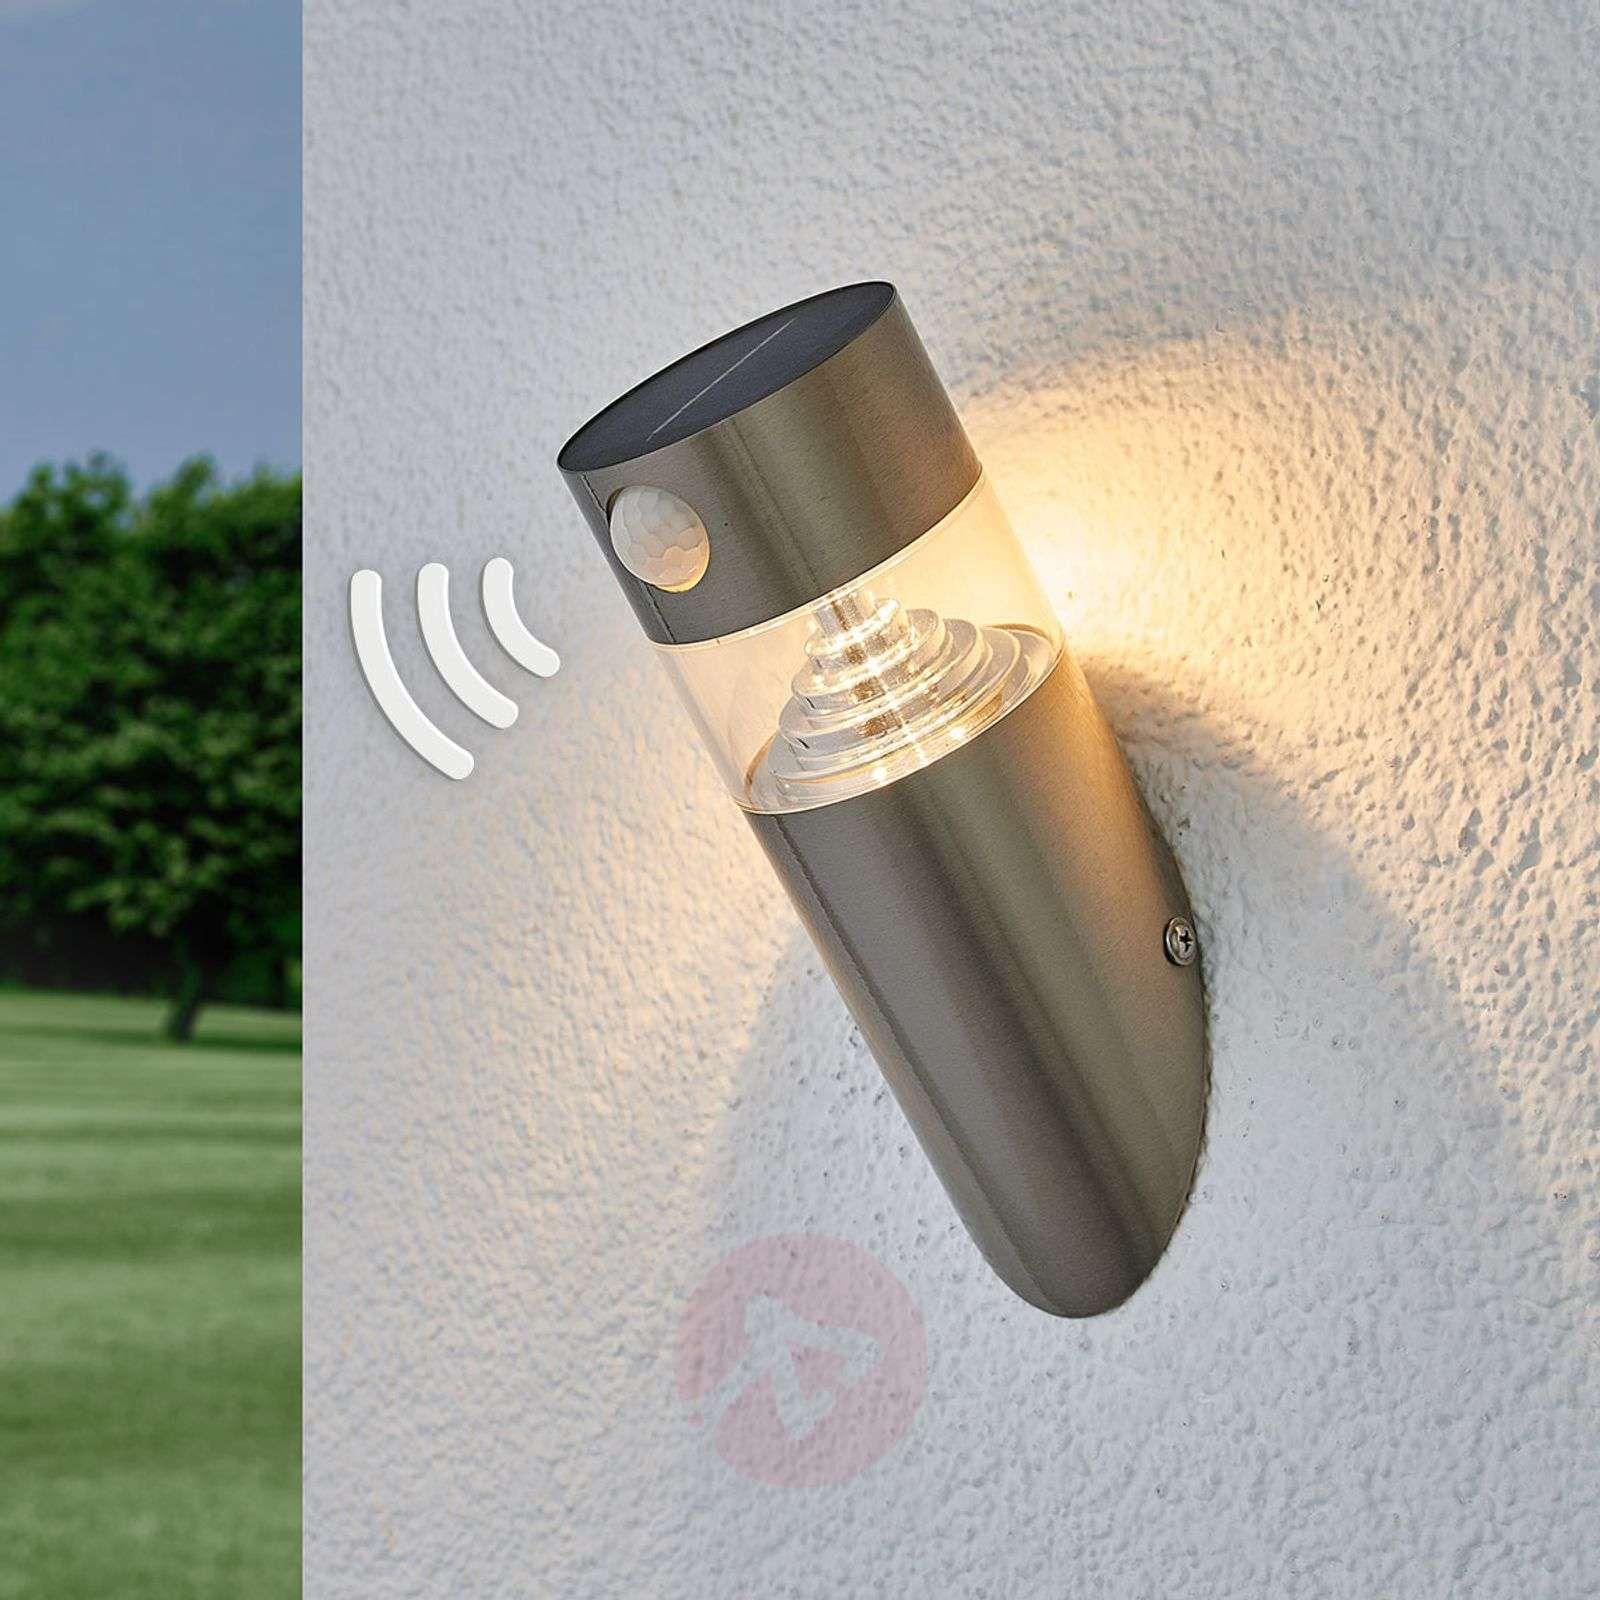 duże lampy solarne ogrodowe | oswietlenie zewnetrzne domu